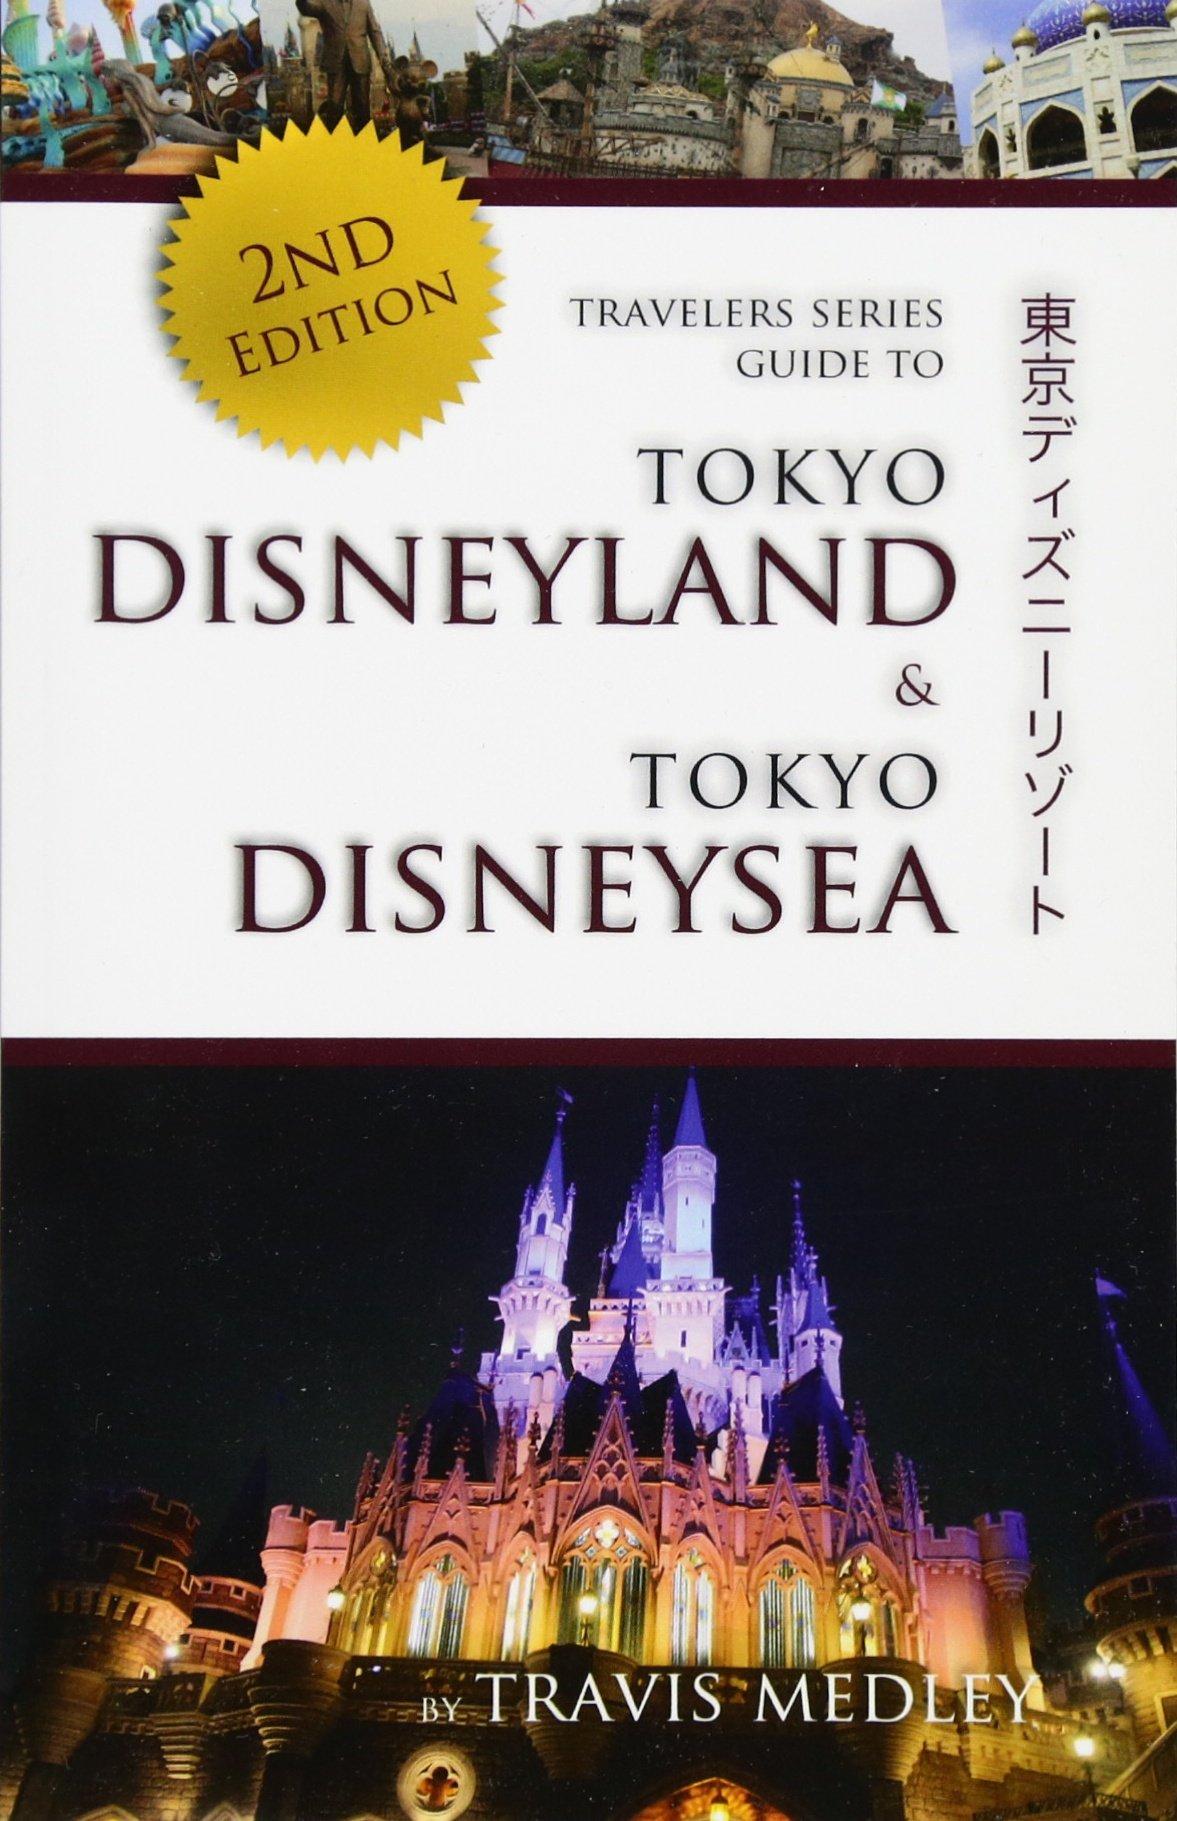 Travelers Series Guide To Tokyo Disneyland Tokyo Disneysea Travis